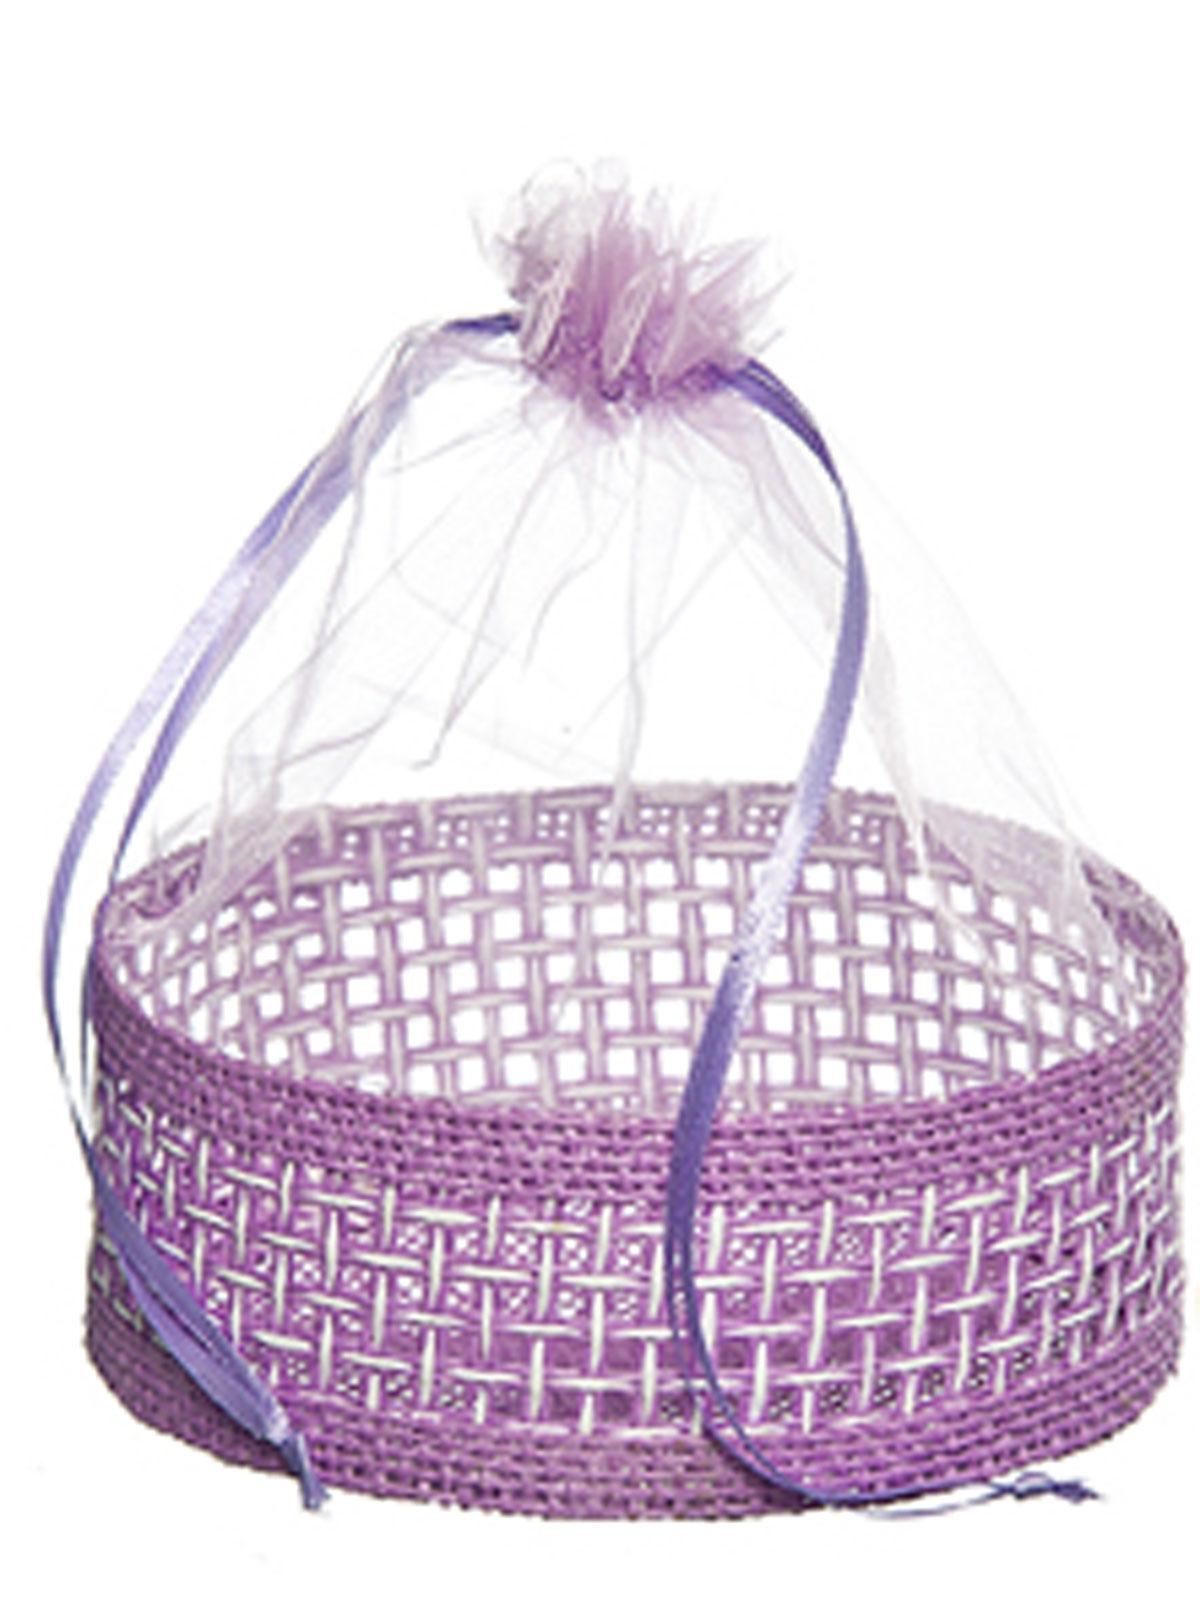 Корзинка Home Queen Подарок, цвет: сиреневый, 13 см х 20 см66826_3Декоративная корзинка Home Queen Подарок прекрасно подойдет в качестве подарочной упаковки, в ней также удобно хранить различные бытовые и косметические принадлежности. Изделие имеет жесткое основание в виде плетеной корзинки, верх выполнен из полупрозрачного полиэстера. Корзинка закрывается на кулиску.